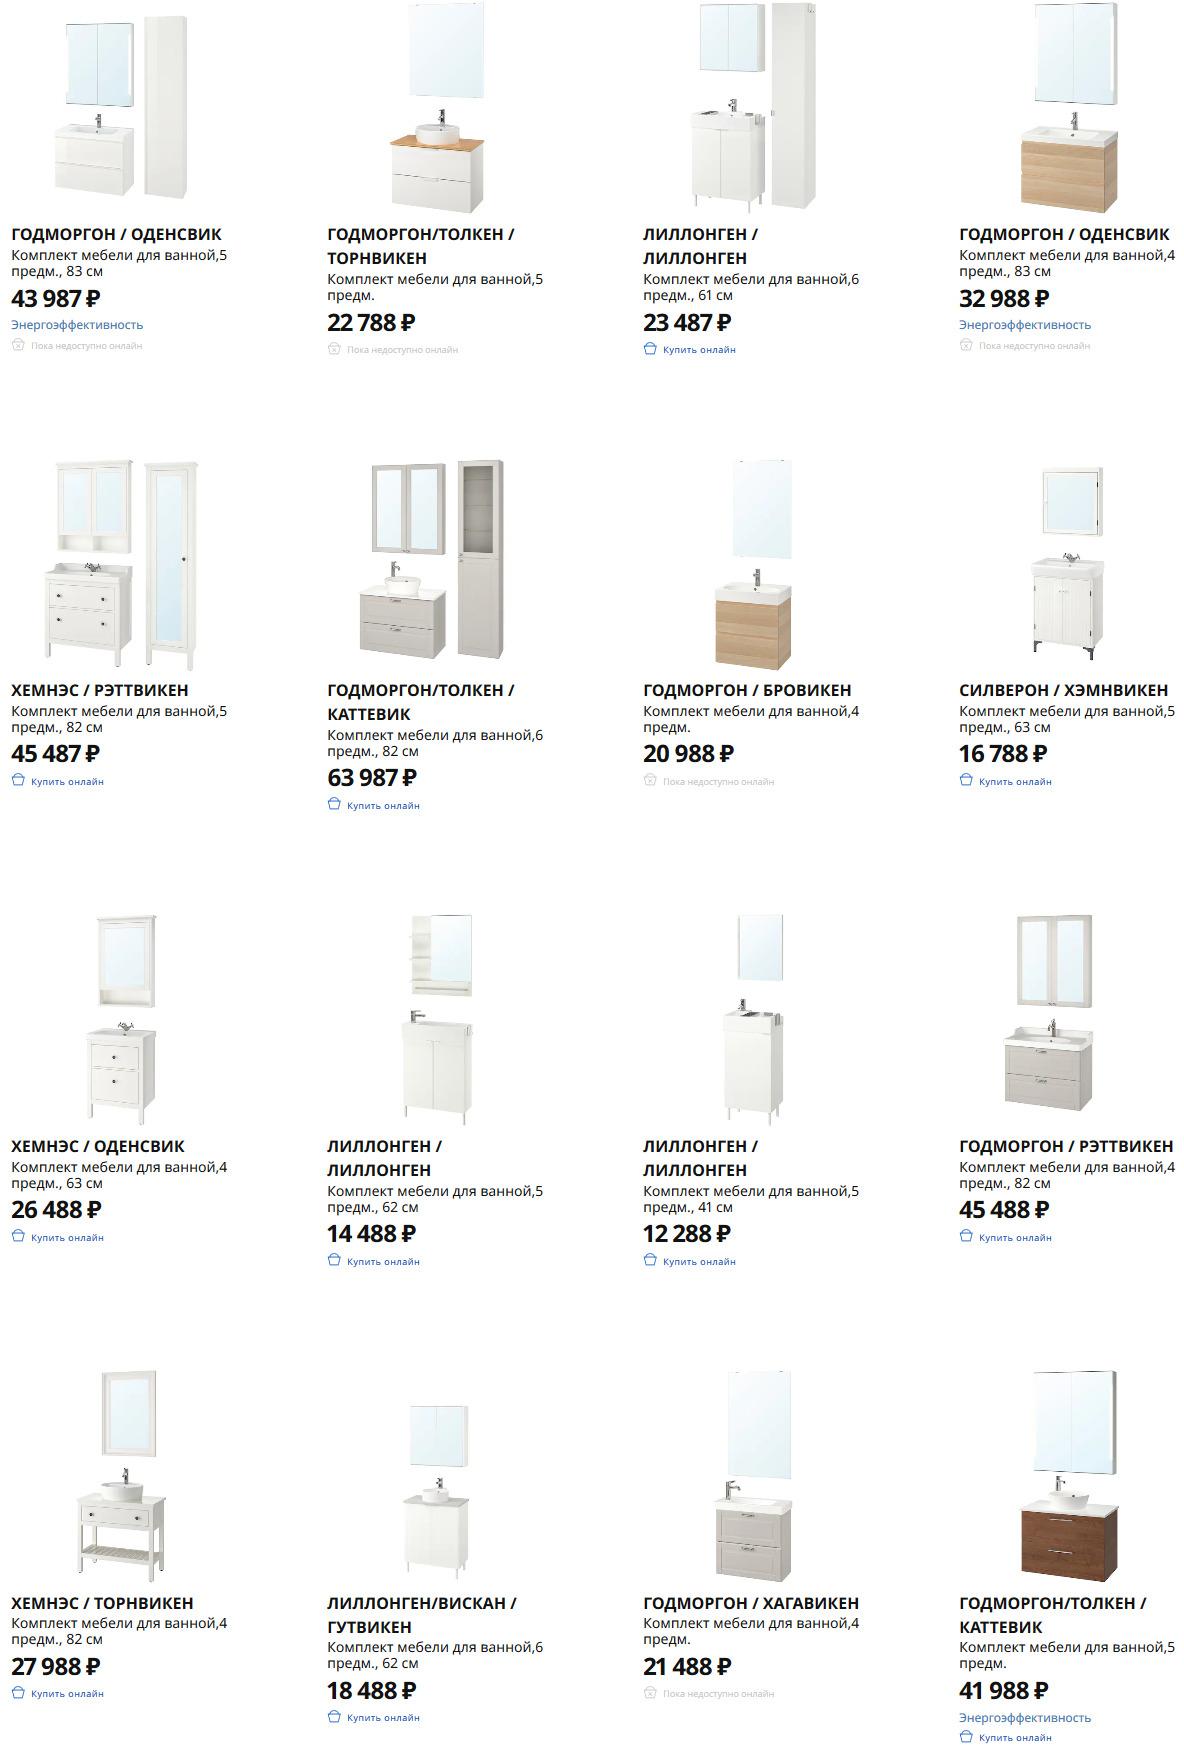 Комплекты мебели для ванной Икеа